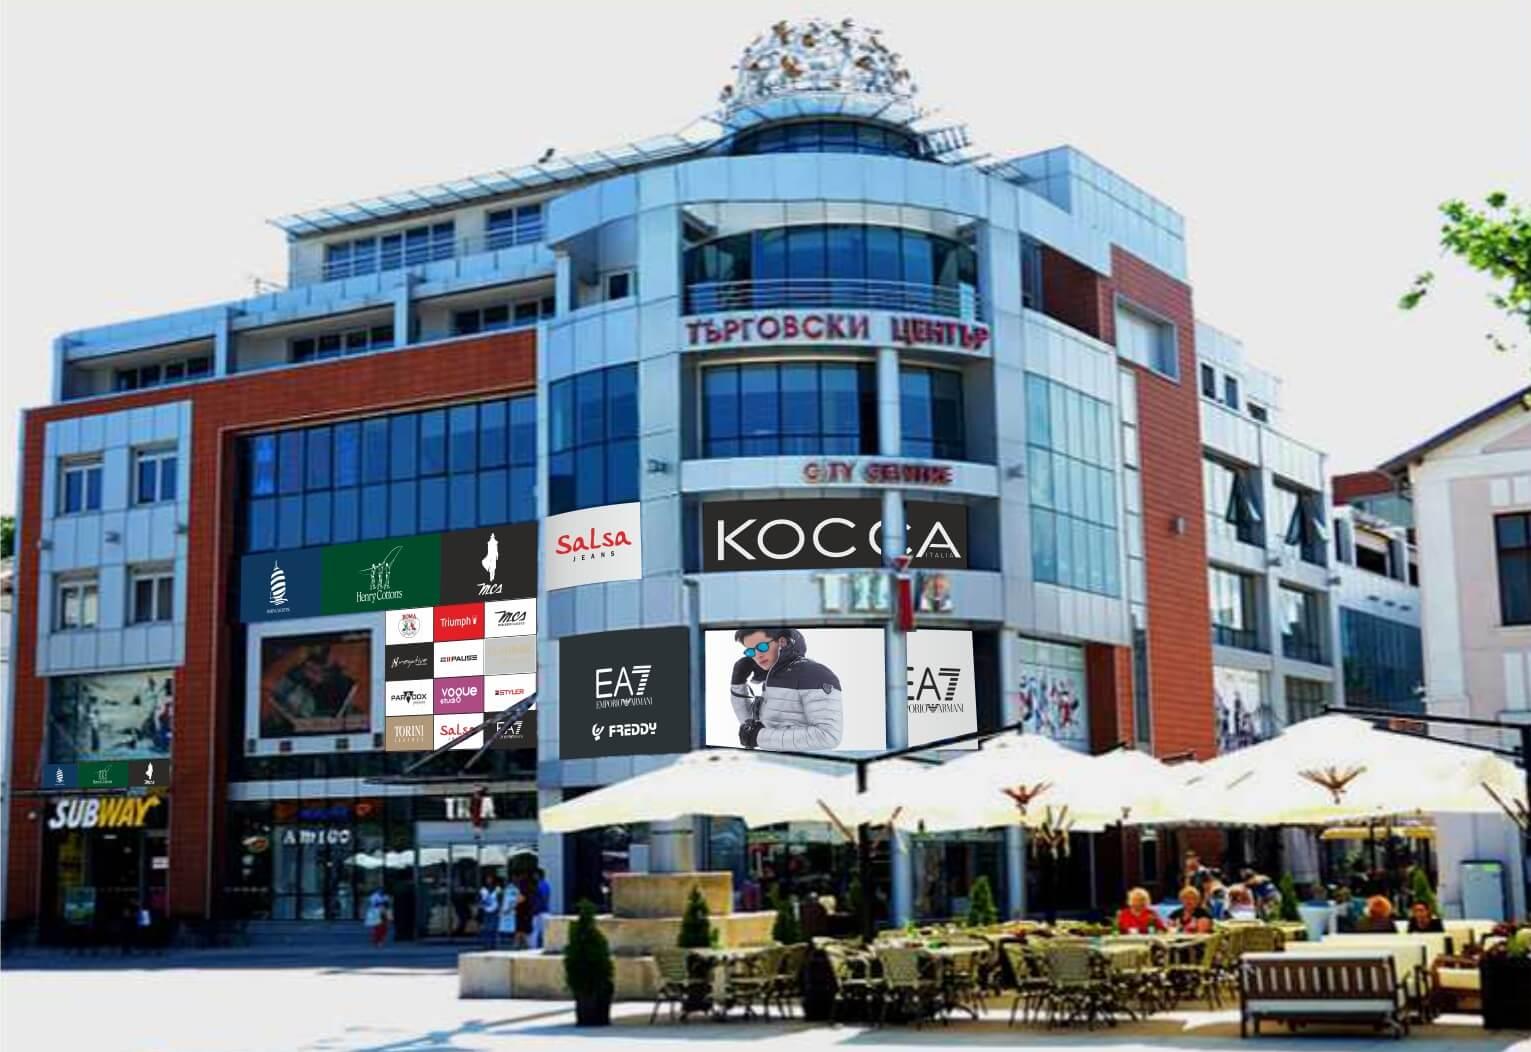 Tria City Centre